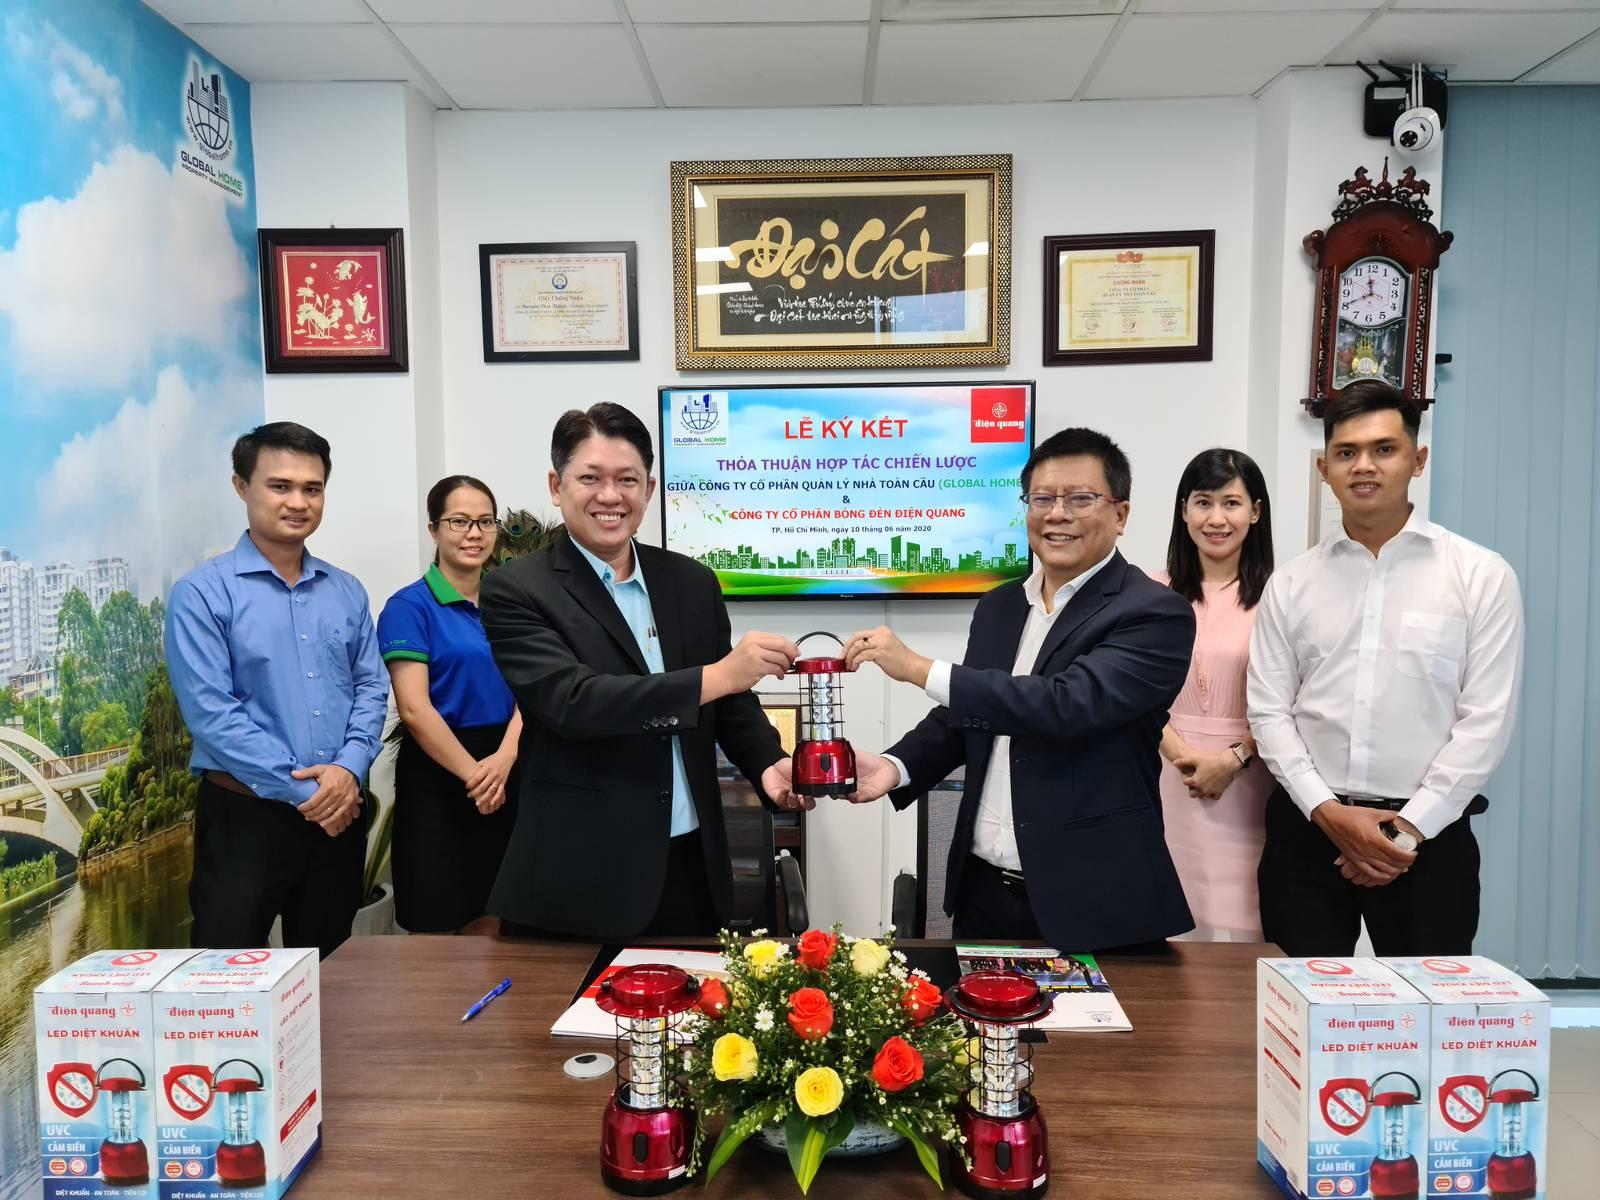 Công ty CP Quản Lý Nhà Toàn Cầu ký kết hợp tác chiến lược với Công ty CP Bóng Đèn Điện Quang 3